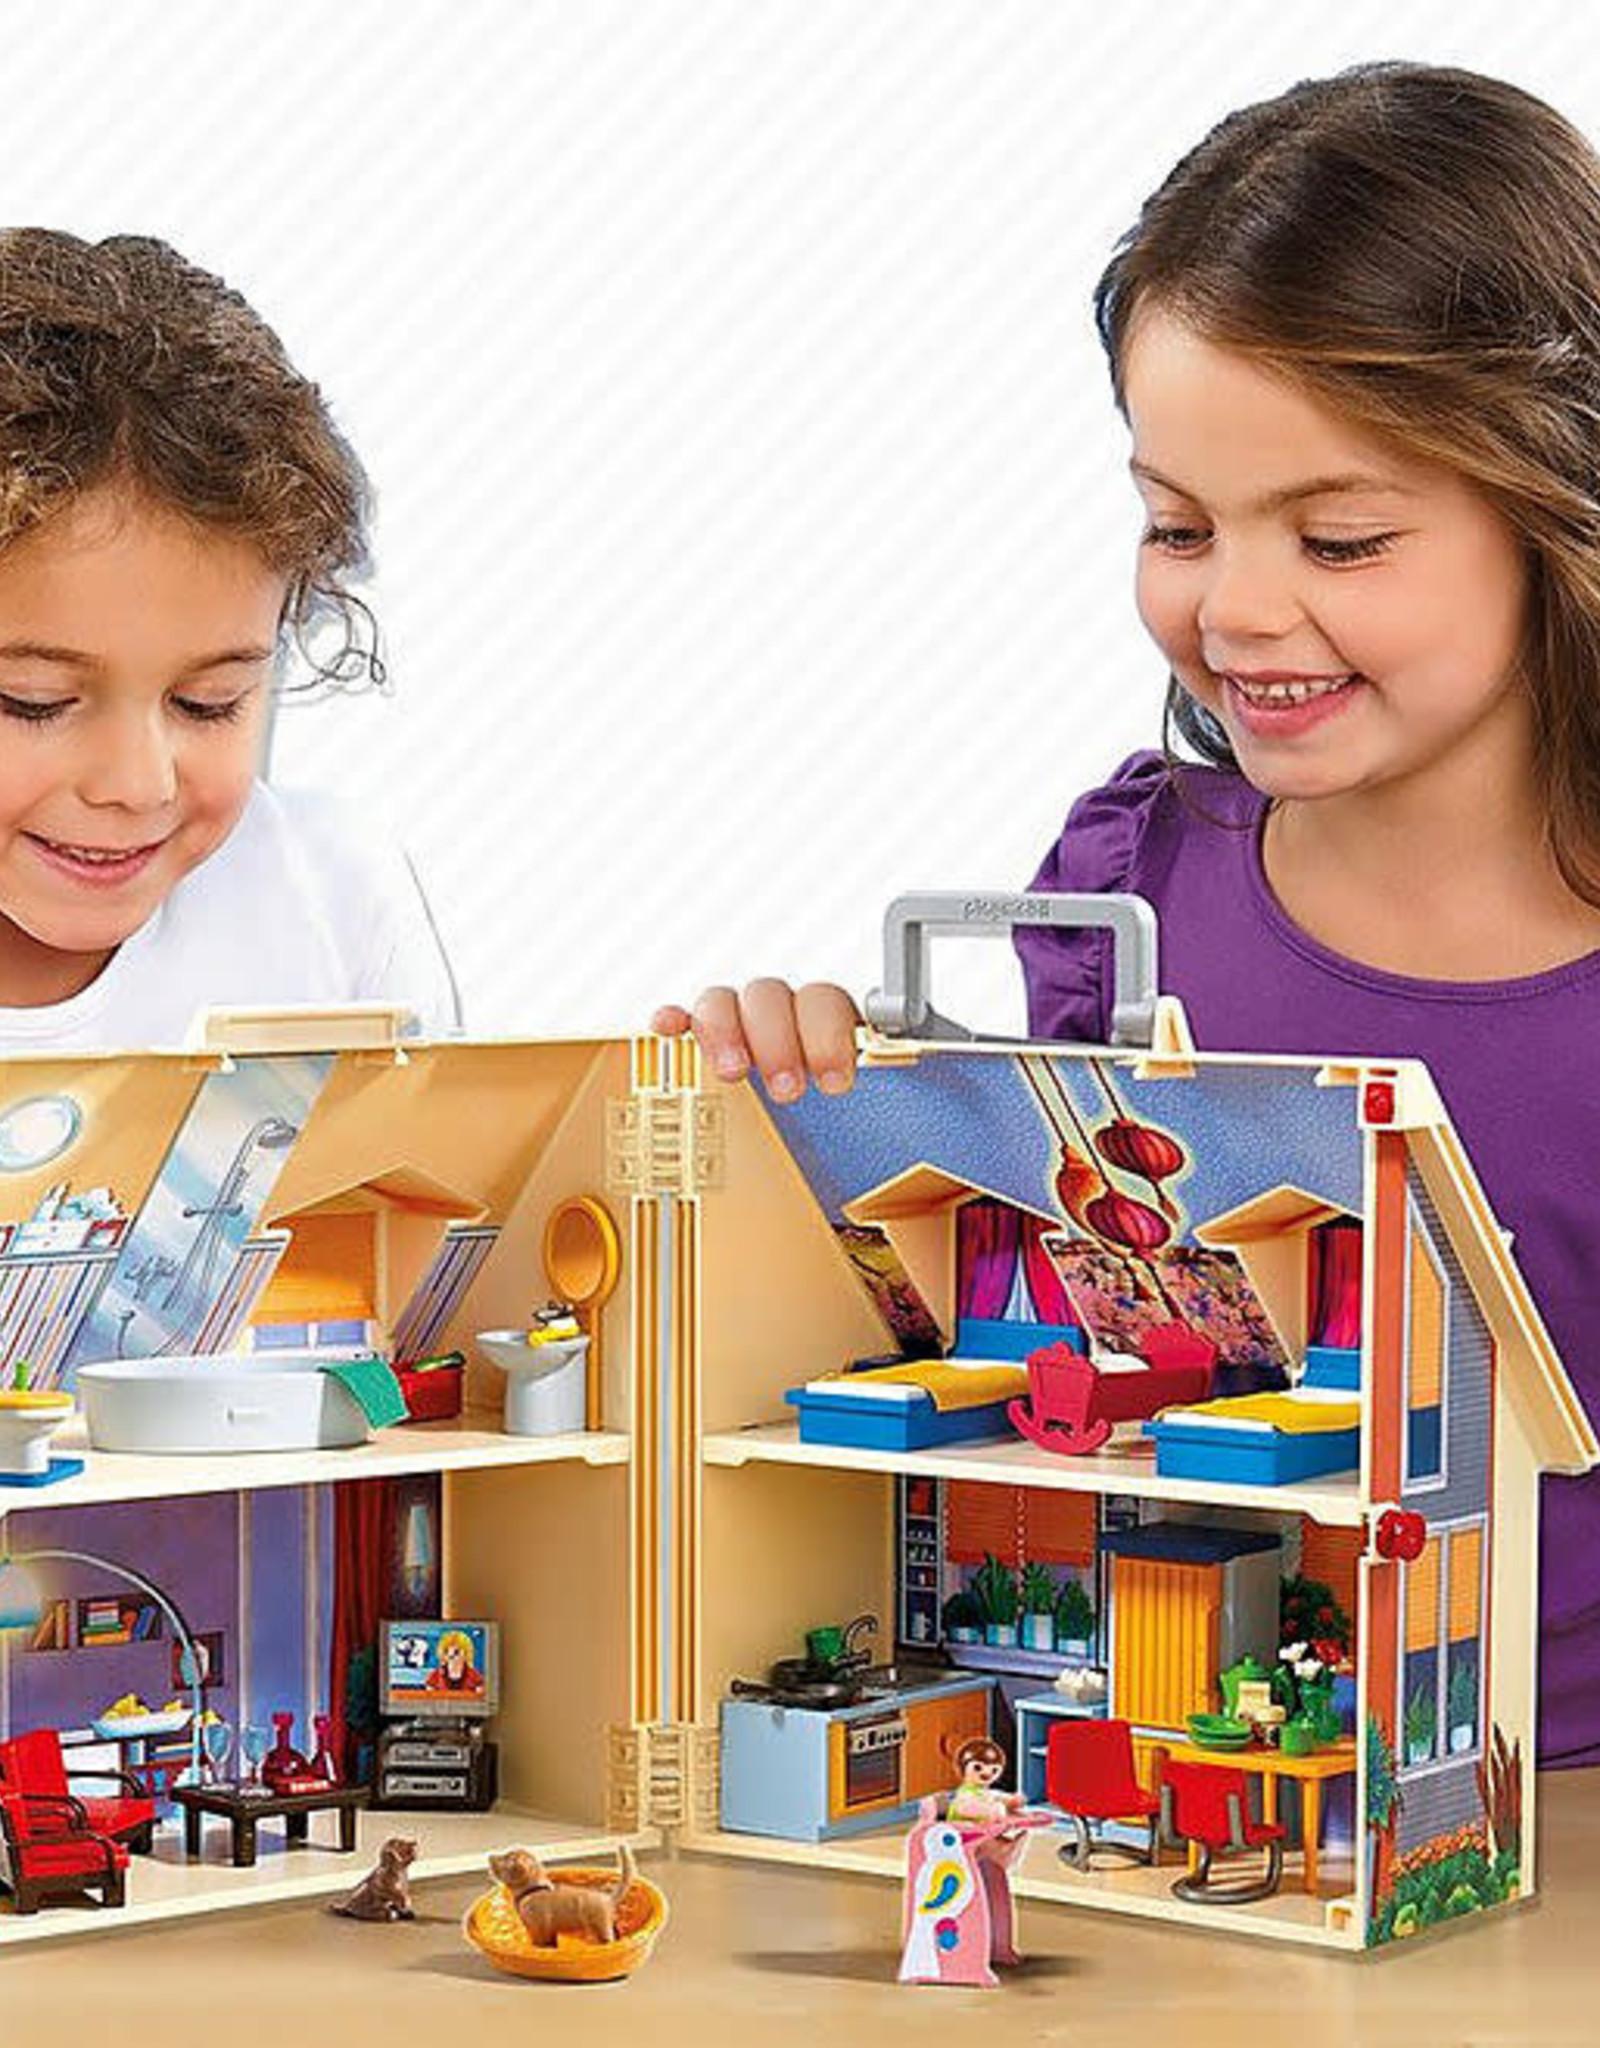 Playmobil PM Take Along Doll House